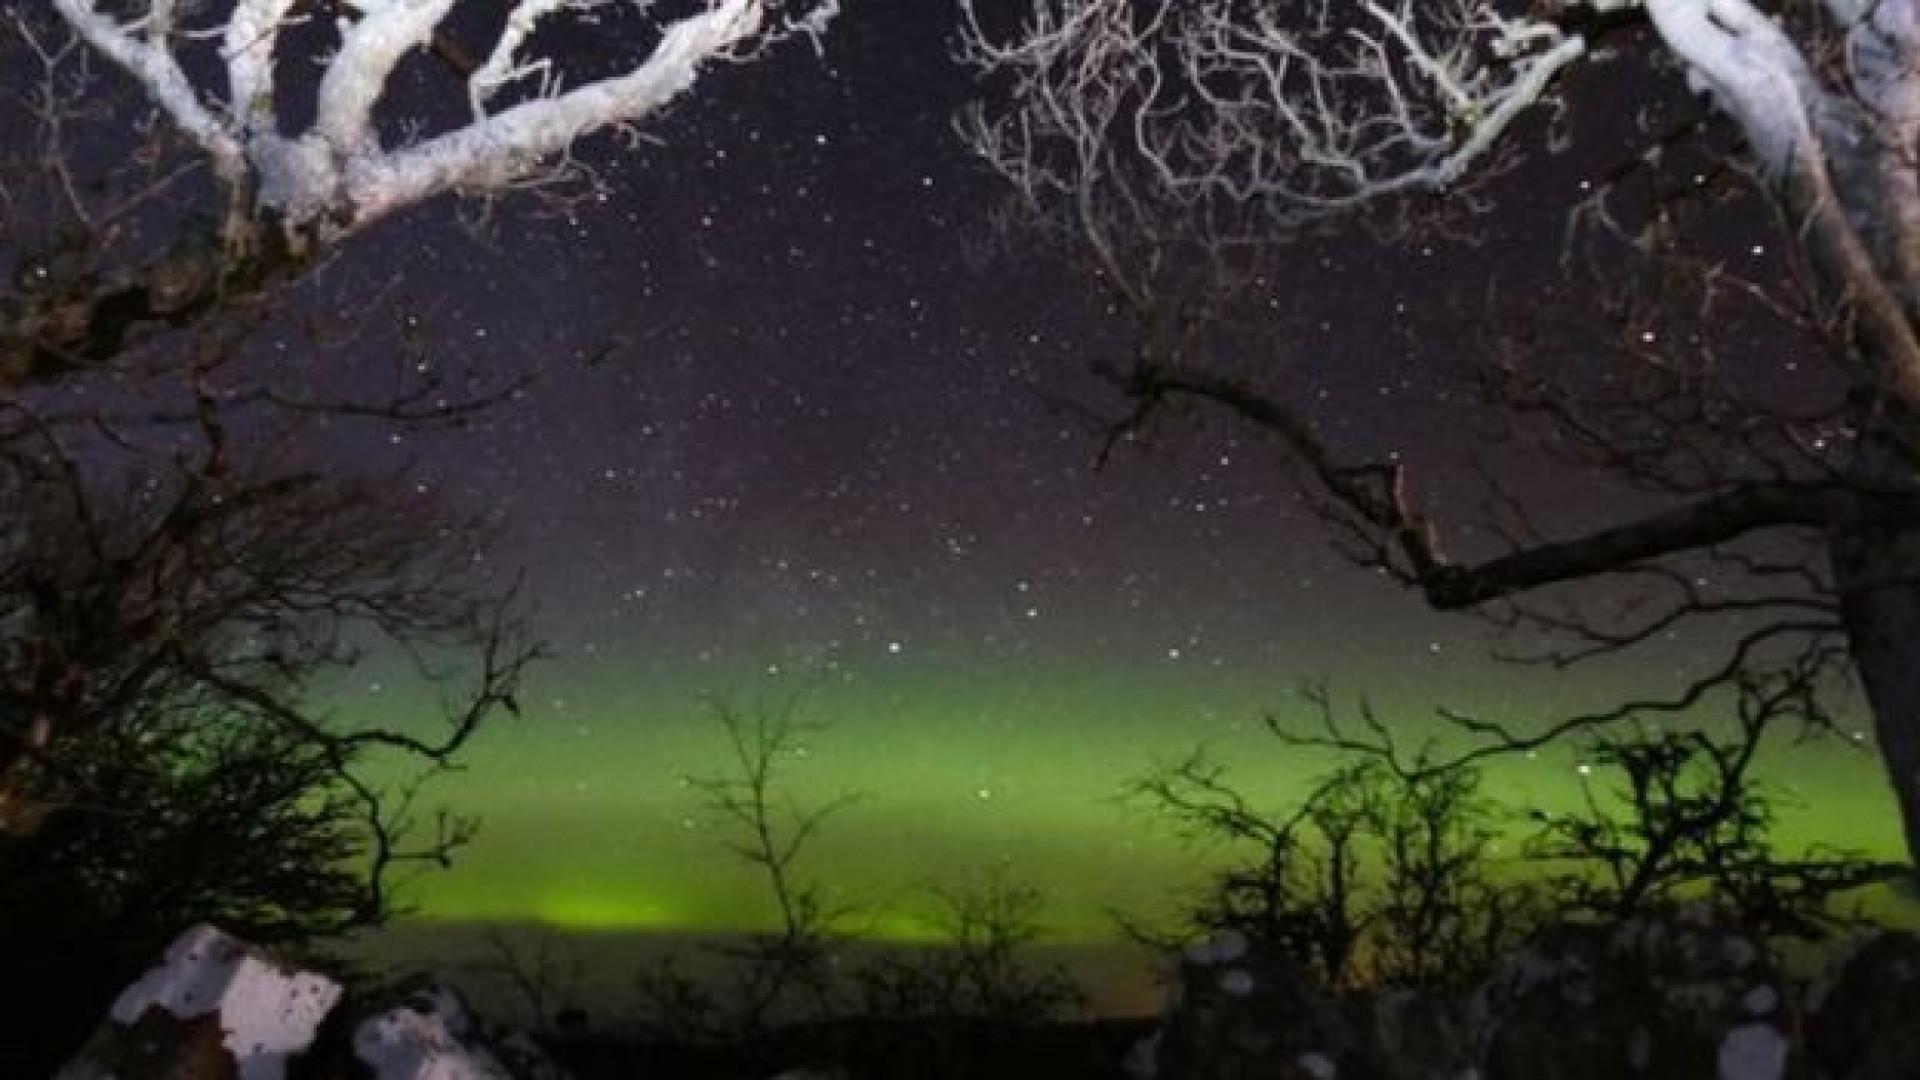 Steve, um dos grandes fenómenos da astronomia, foi avistado na Europa